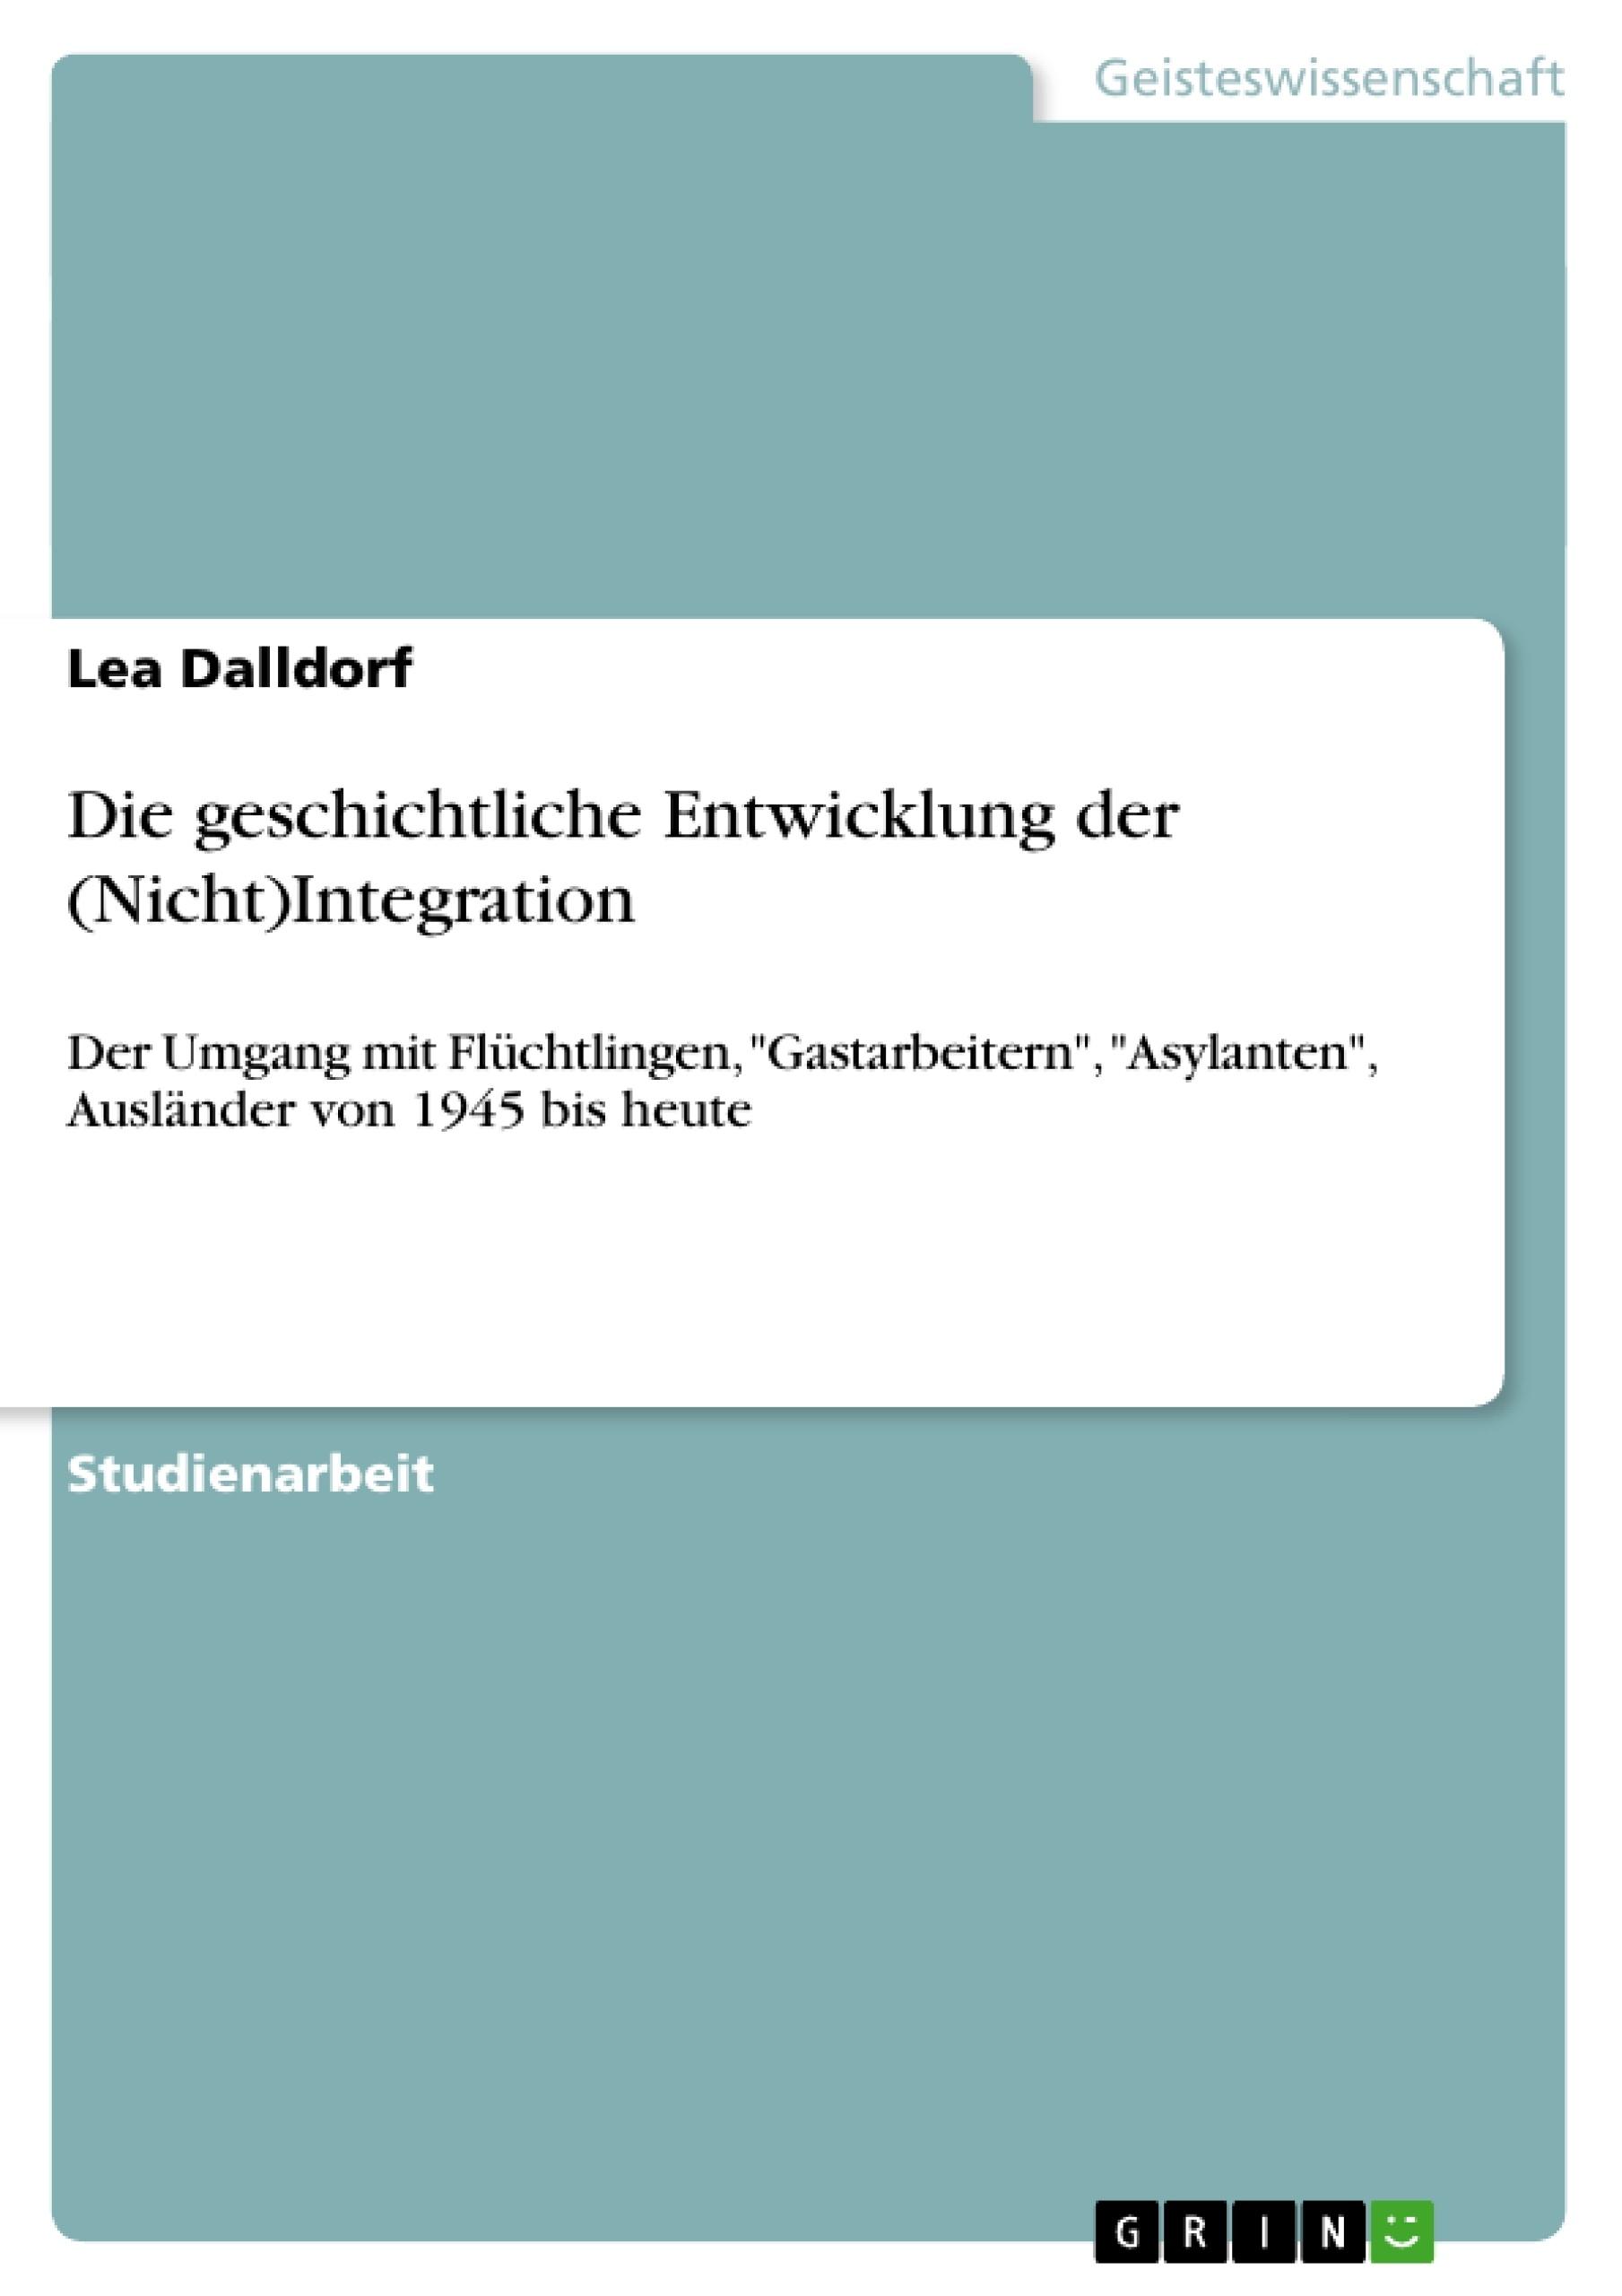 Titel: Die geschichtliche Entwicklung der (Nicht)Integration